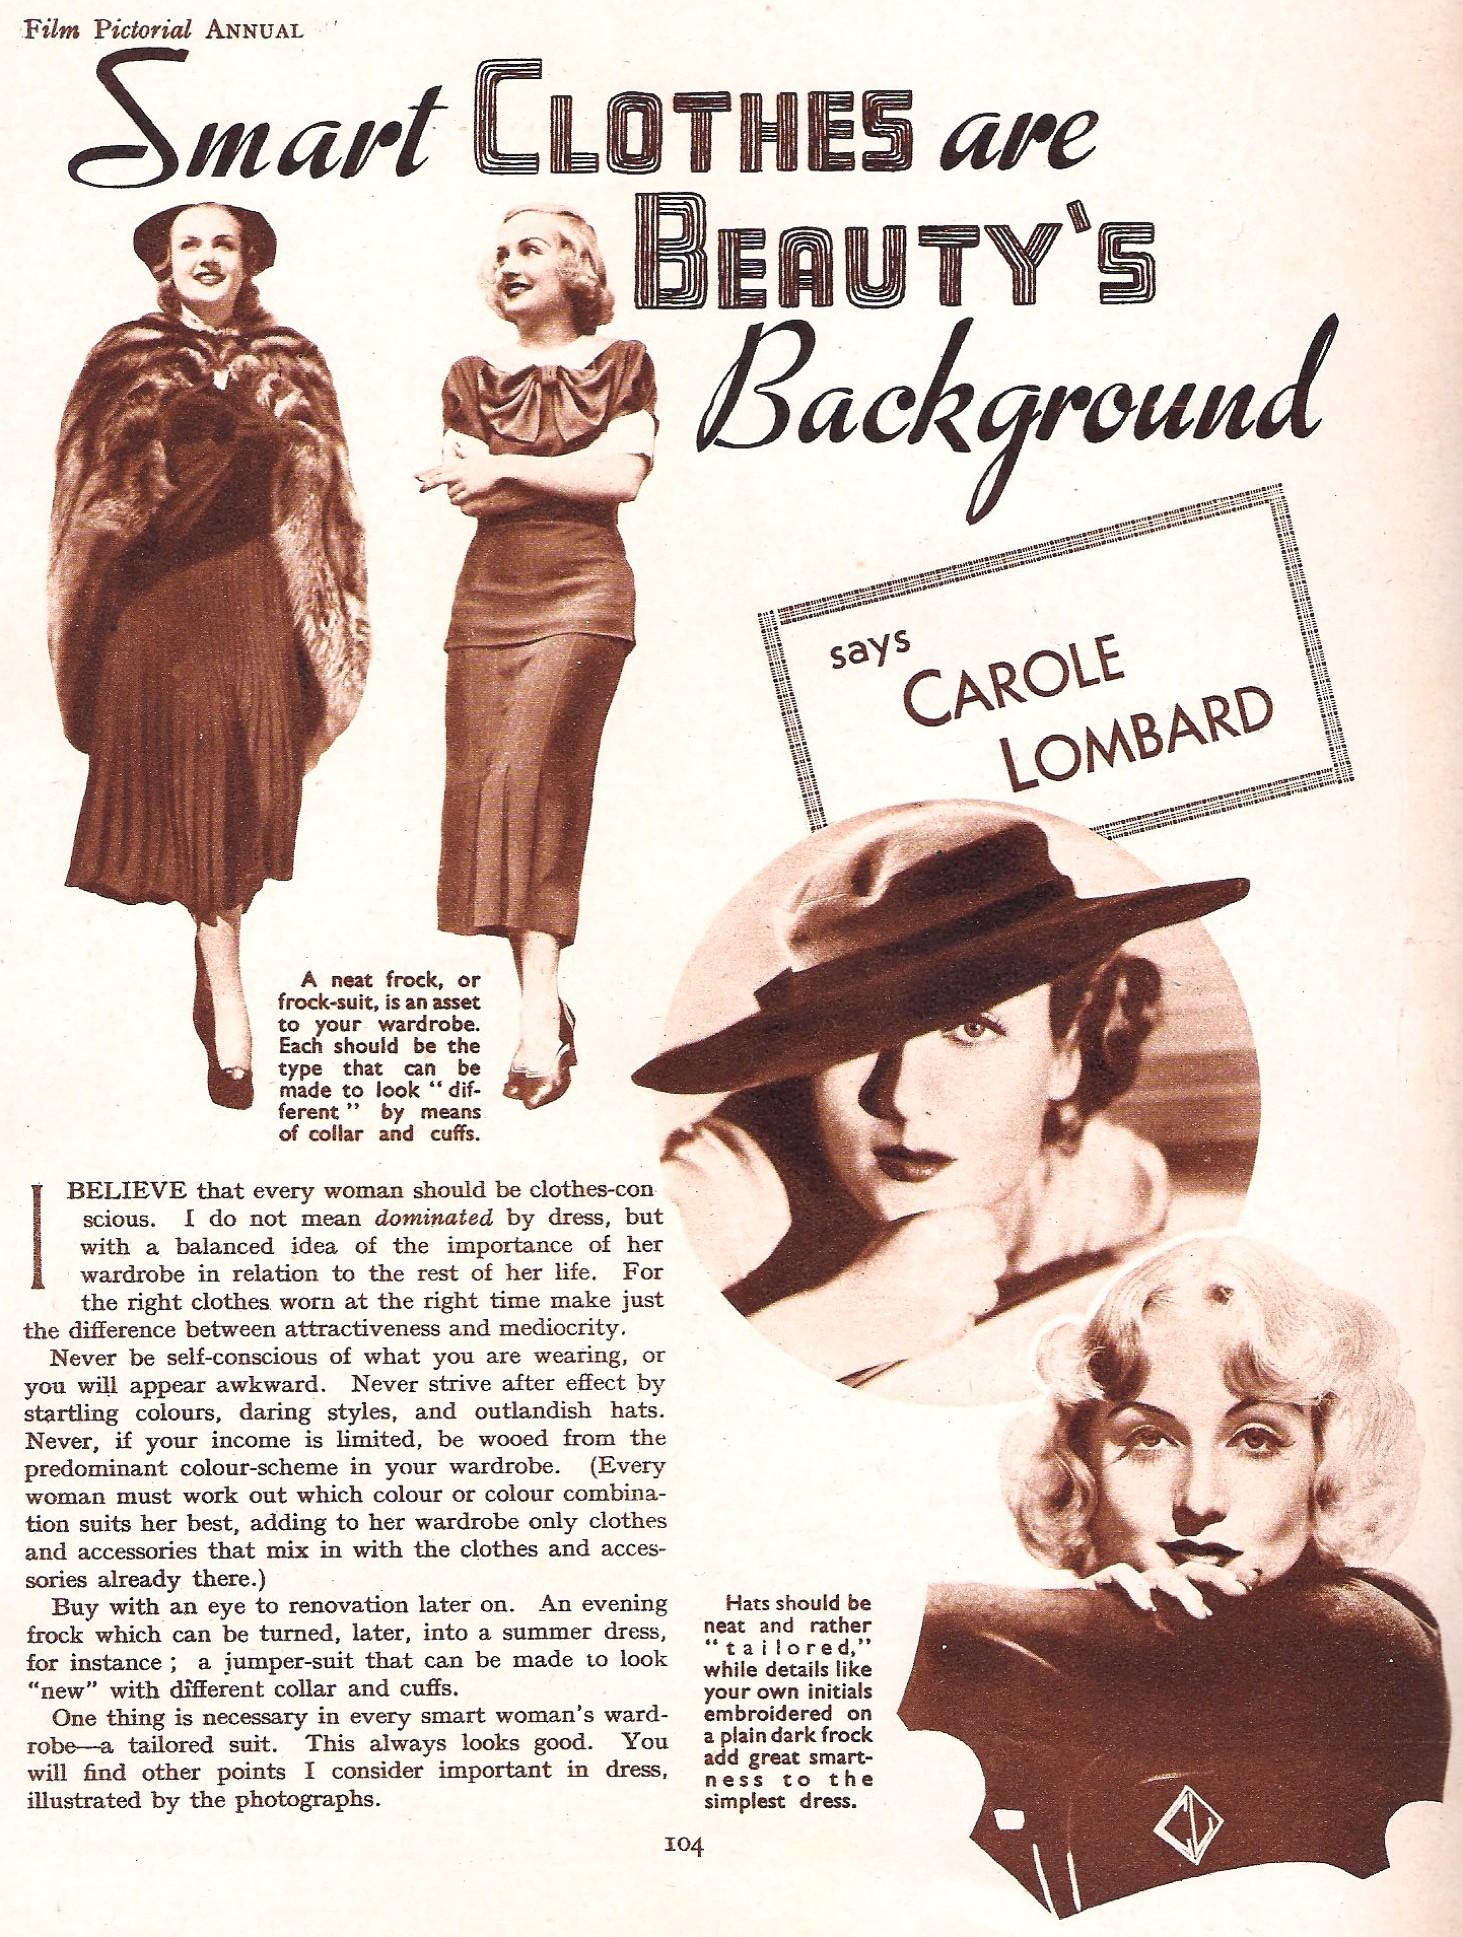 carole lombard film pictorial annual 1937ba